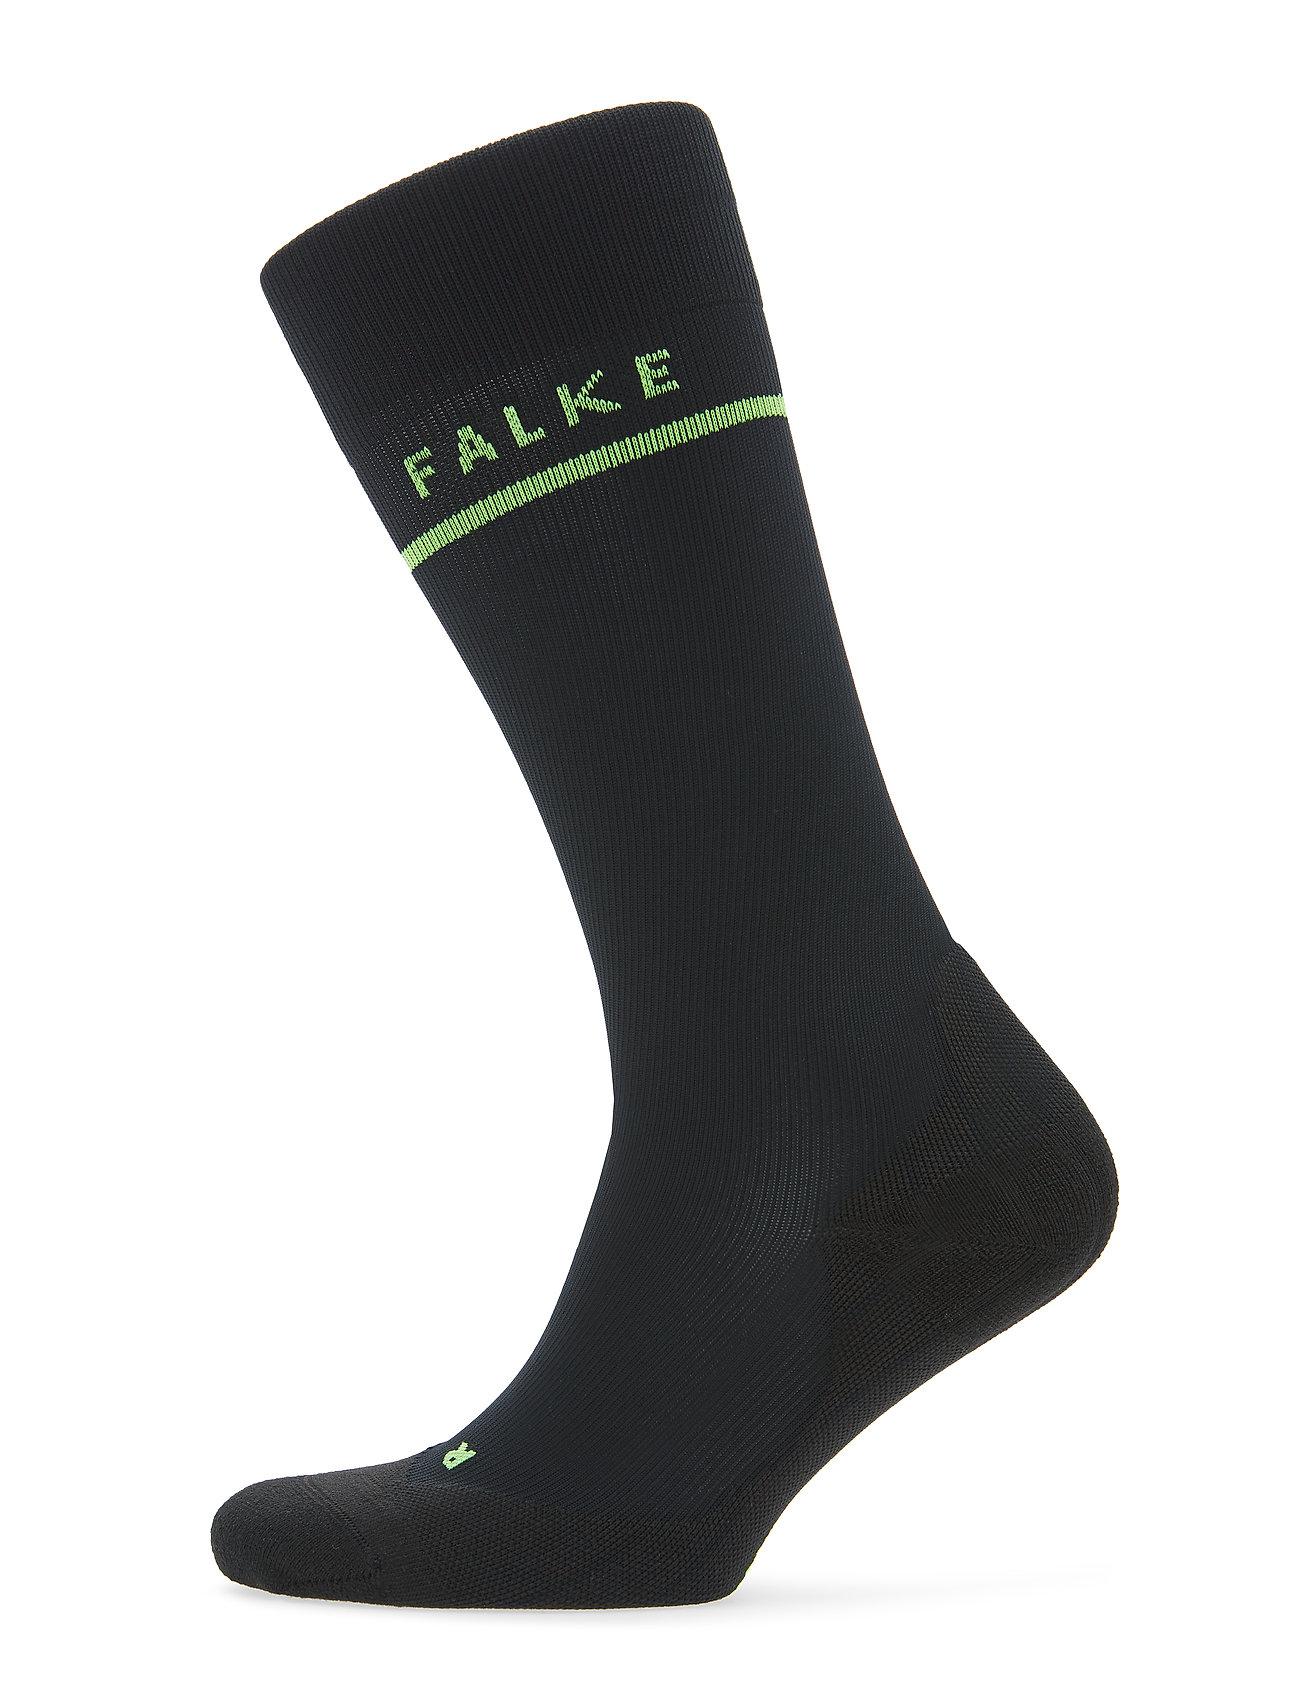 Falke Sport FALKE Energ. - BLACK